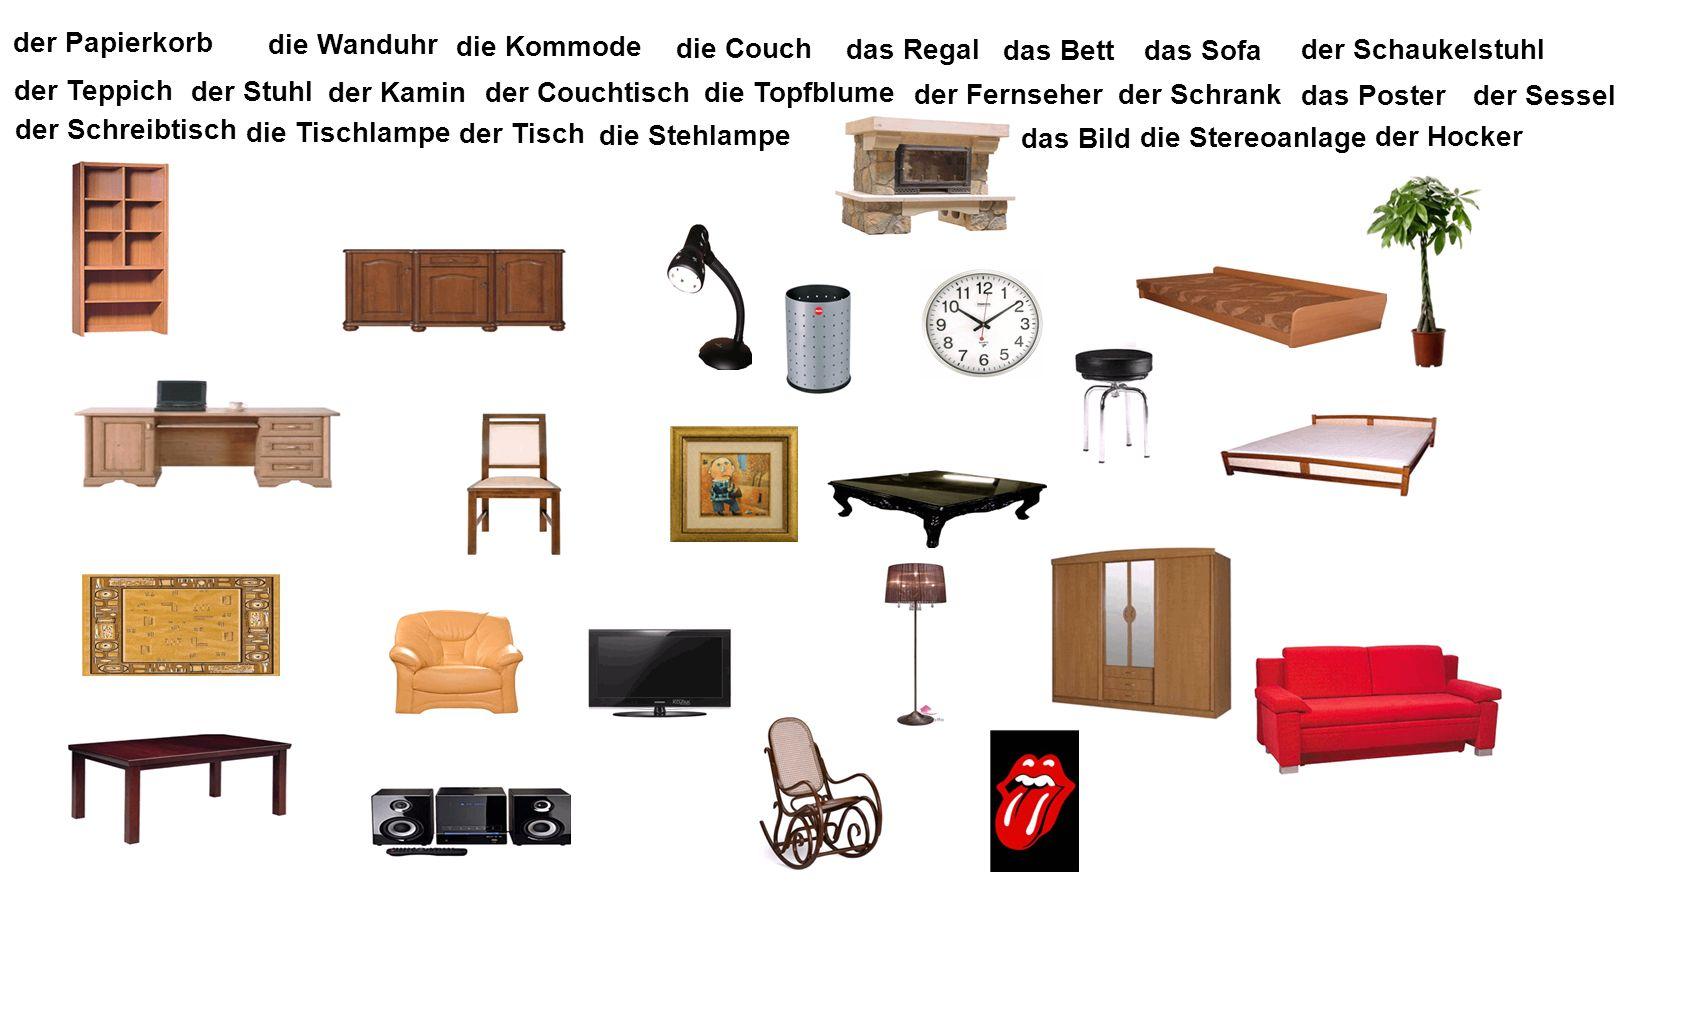 thema wo ist die katze ppt herunterladen. Black Bedroom Furniture Sets. Home Design Ideas